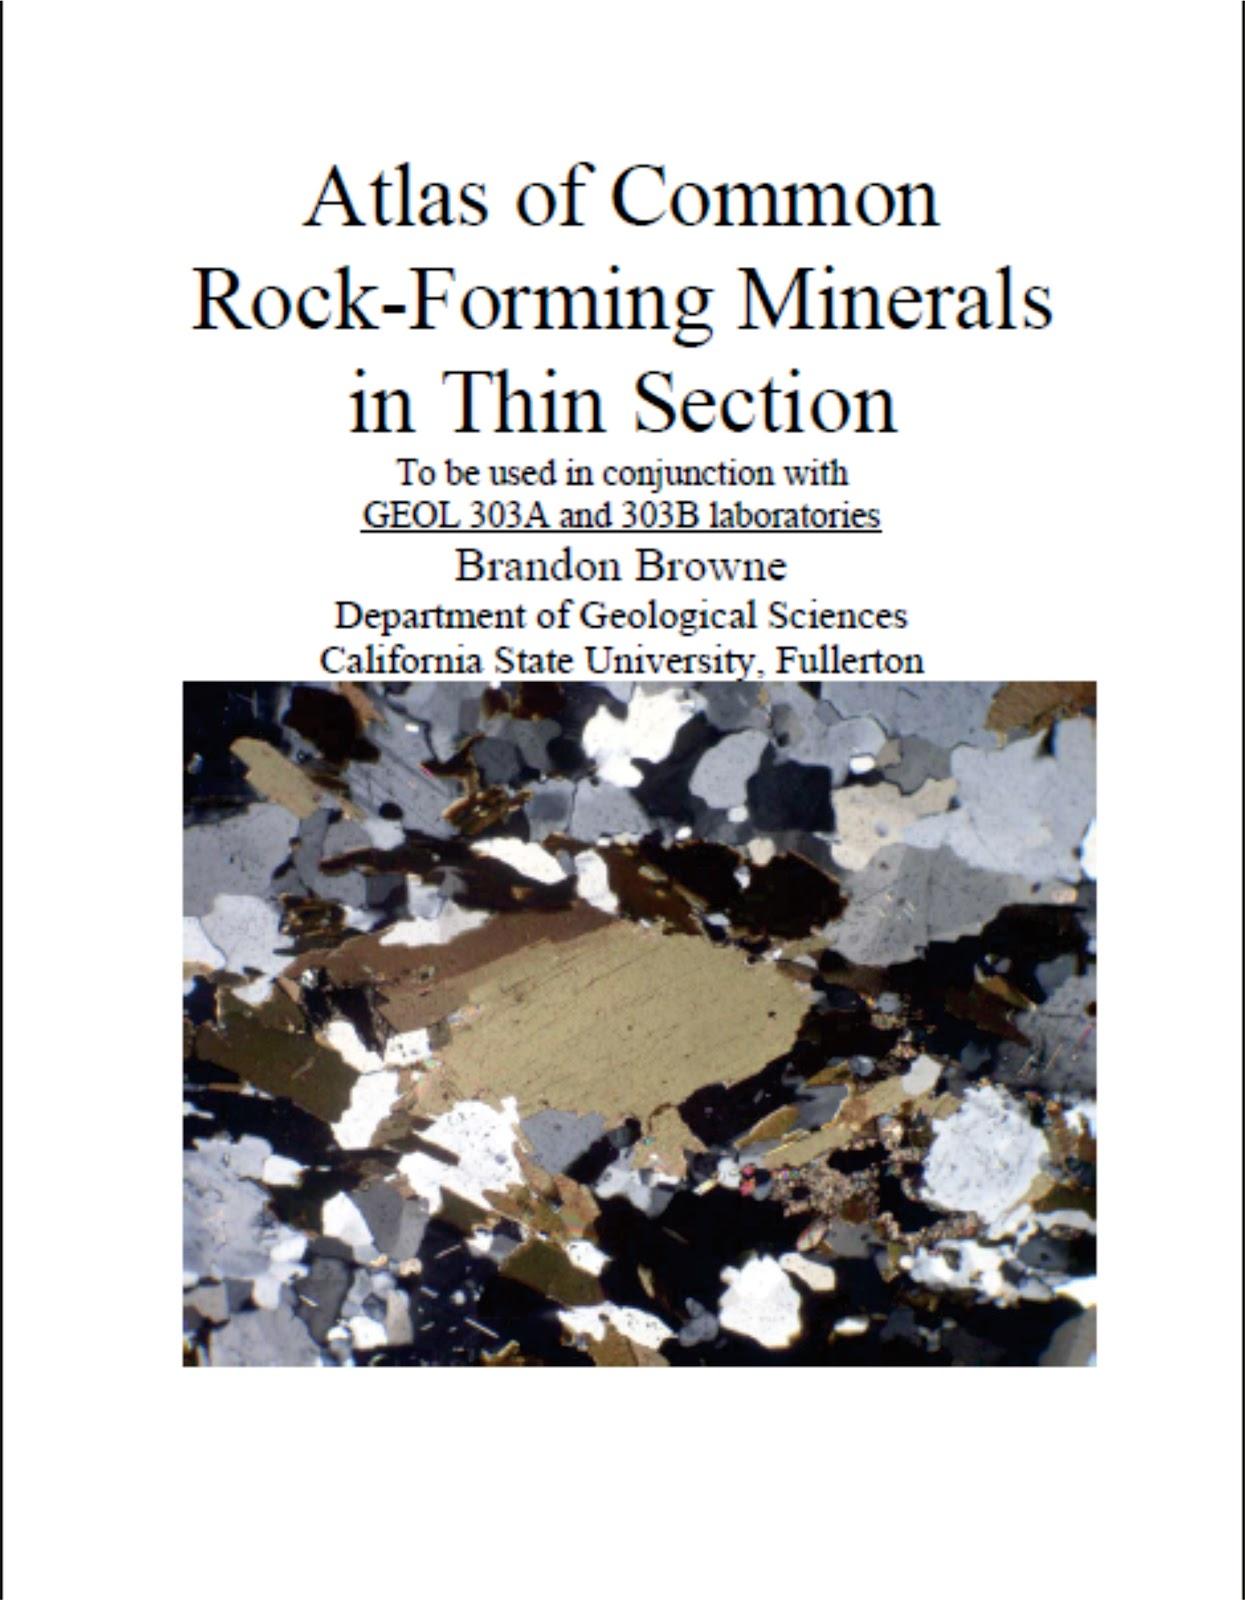 Foto atlas de minerales 10